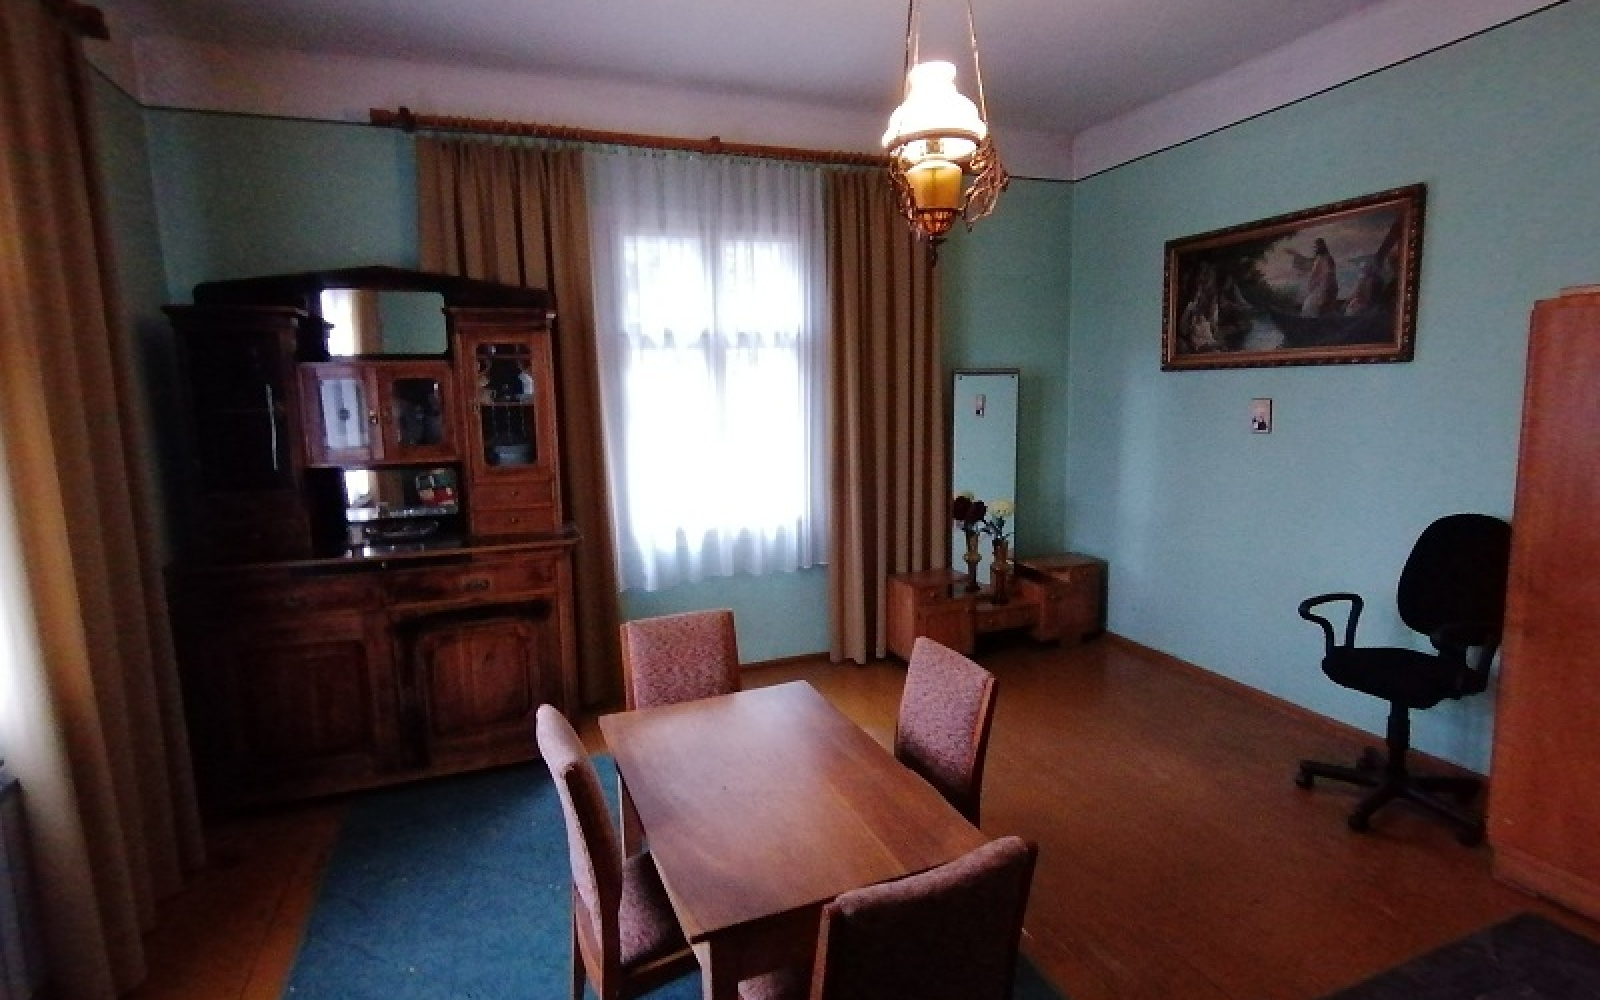 2 Bedrooms Bedrooms, 3 Rooms Rooms,1 BathroomBathrooms,Domy,Sprzedaż,1068